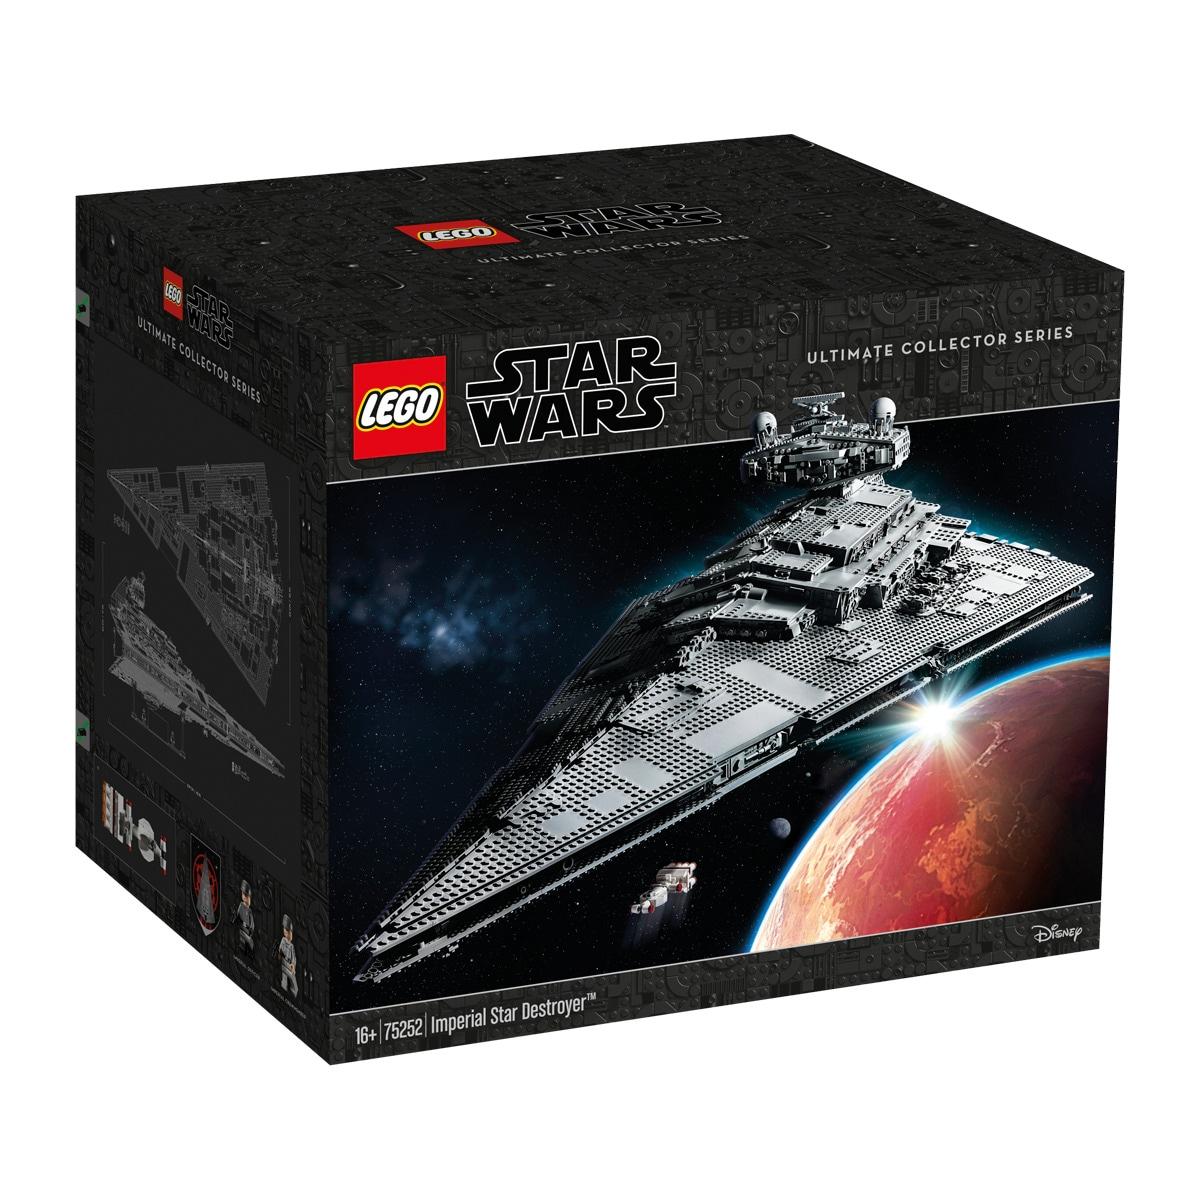 Jouet Lego Star Wars - Imperial Star Destroyer (75252)